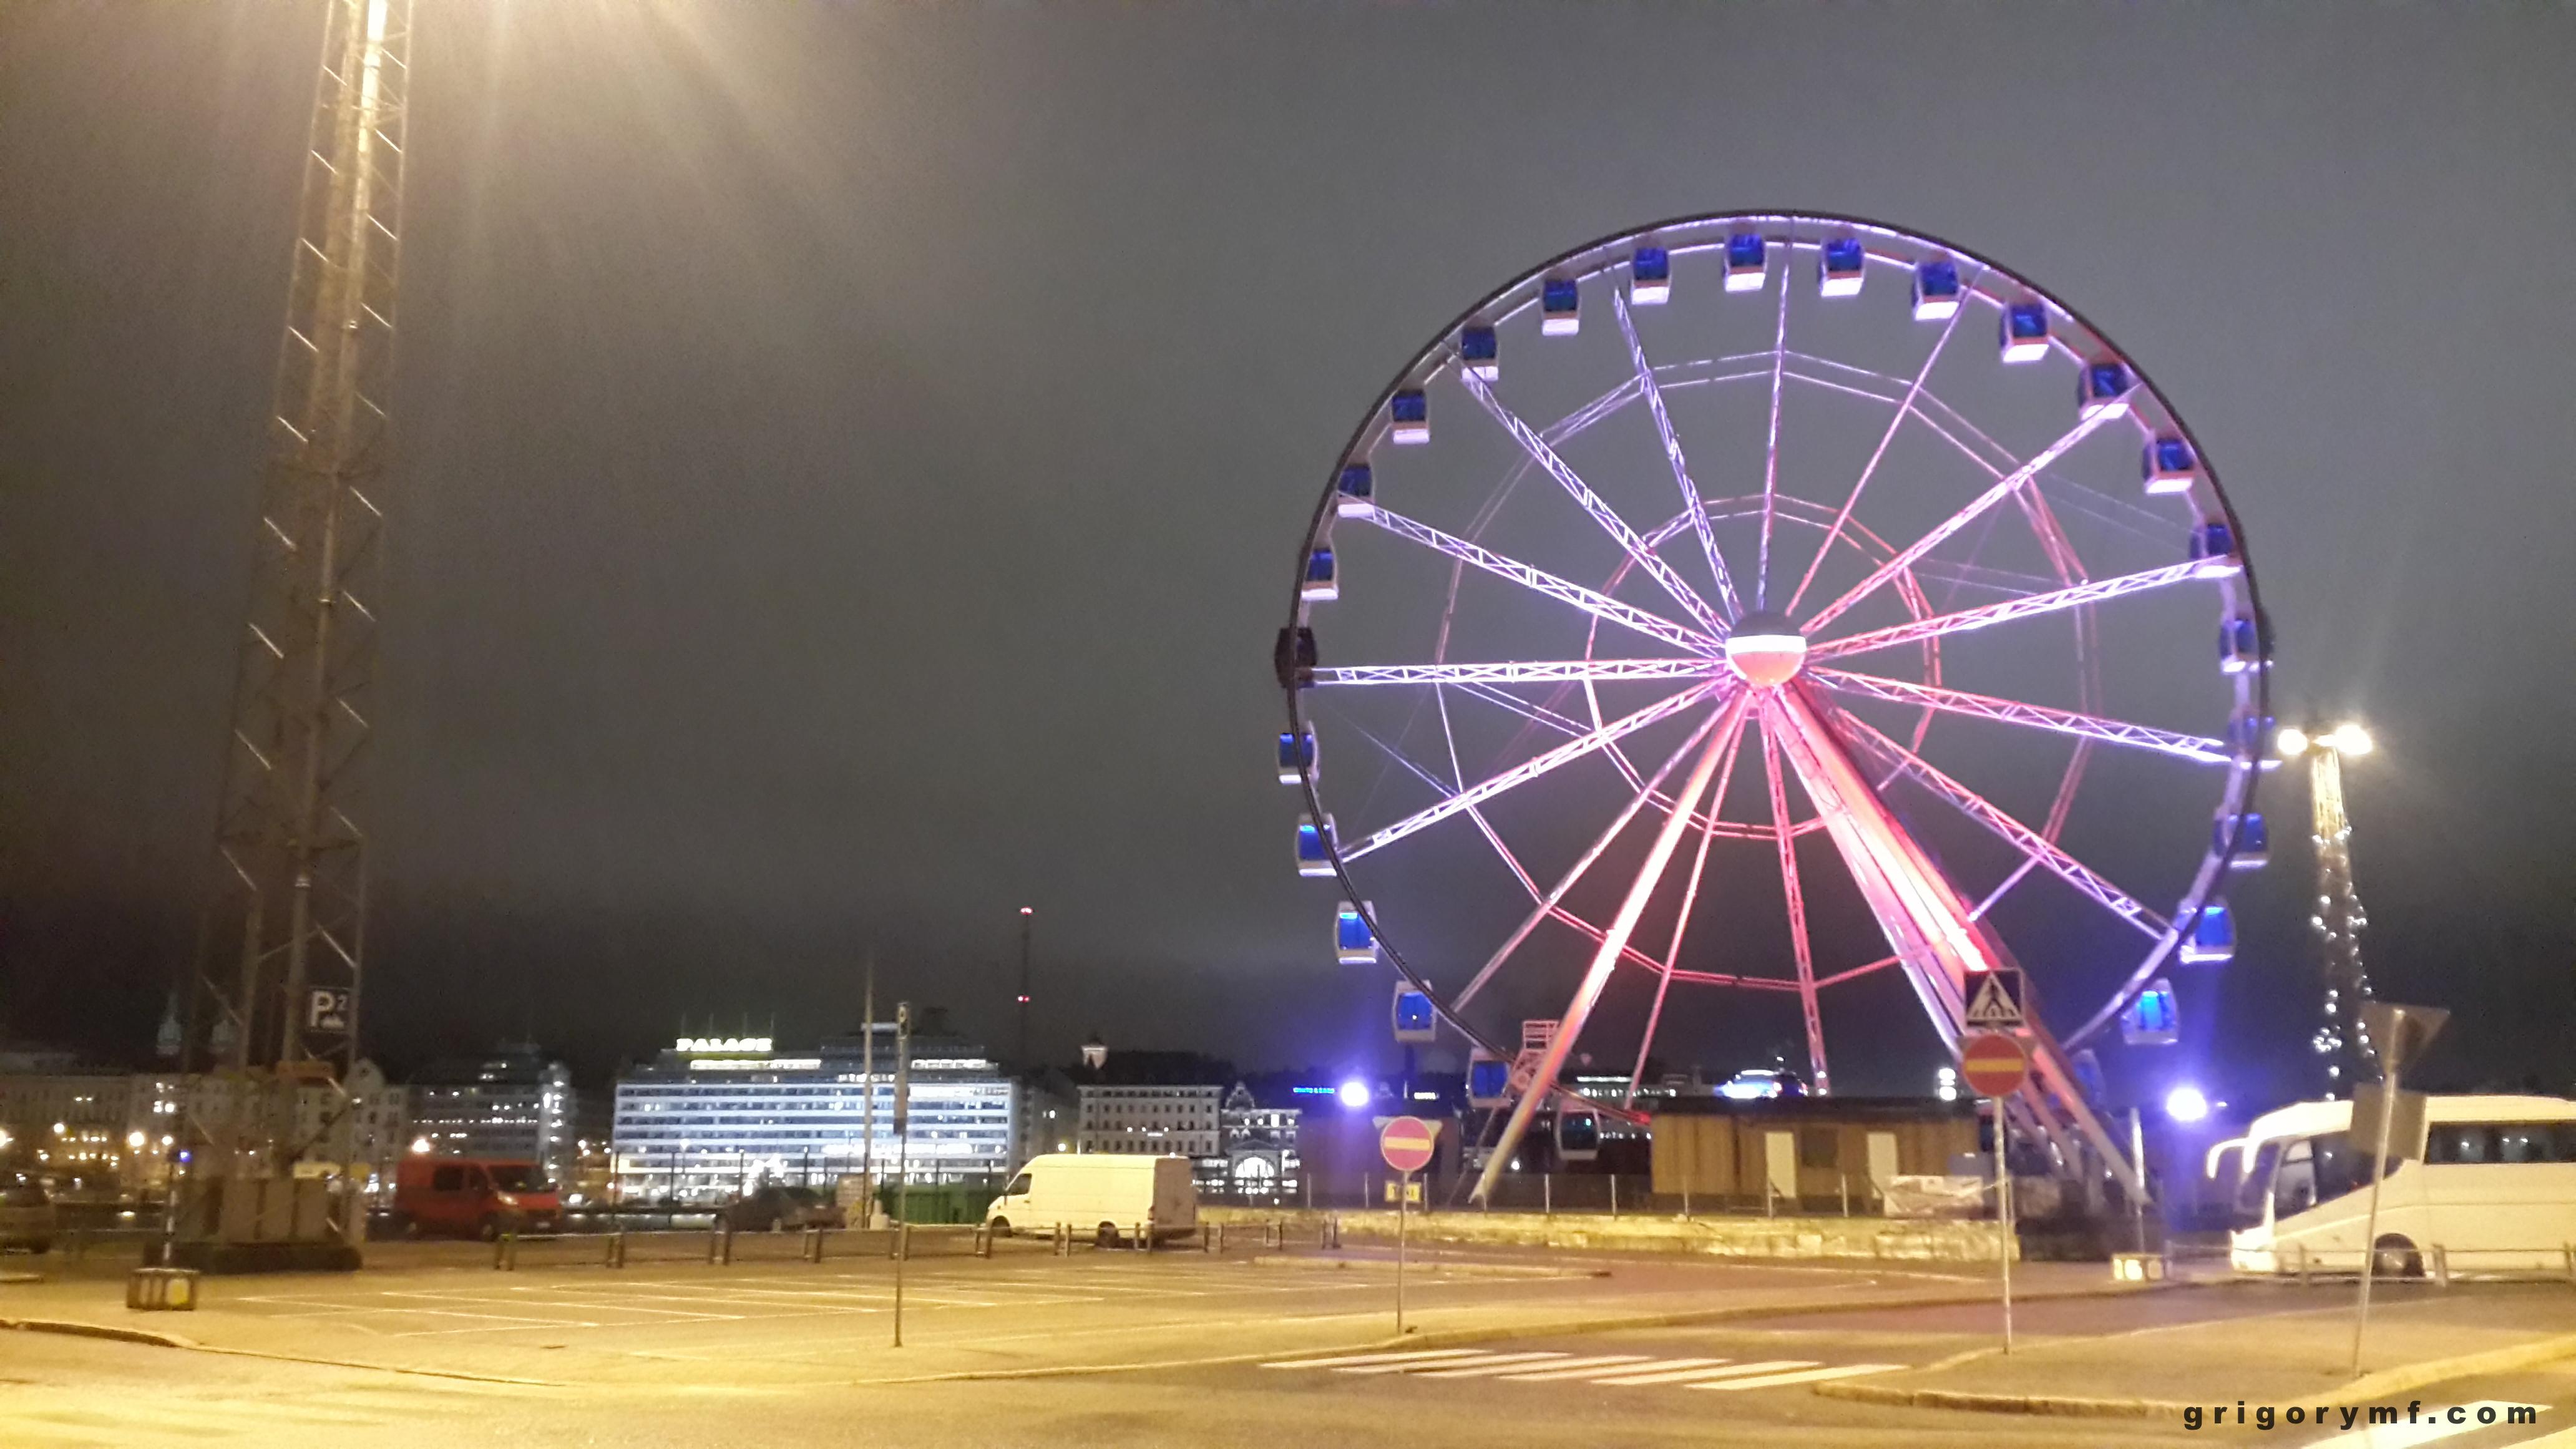 Колесо обозрения в порту Хельсинки, Финляндия, Хельсинки, Европа, путешествие по европе